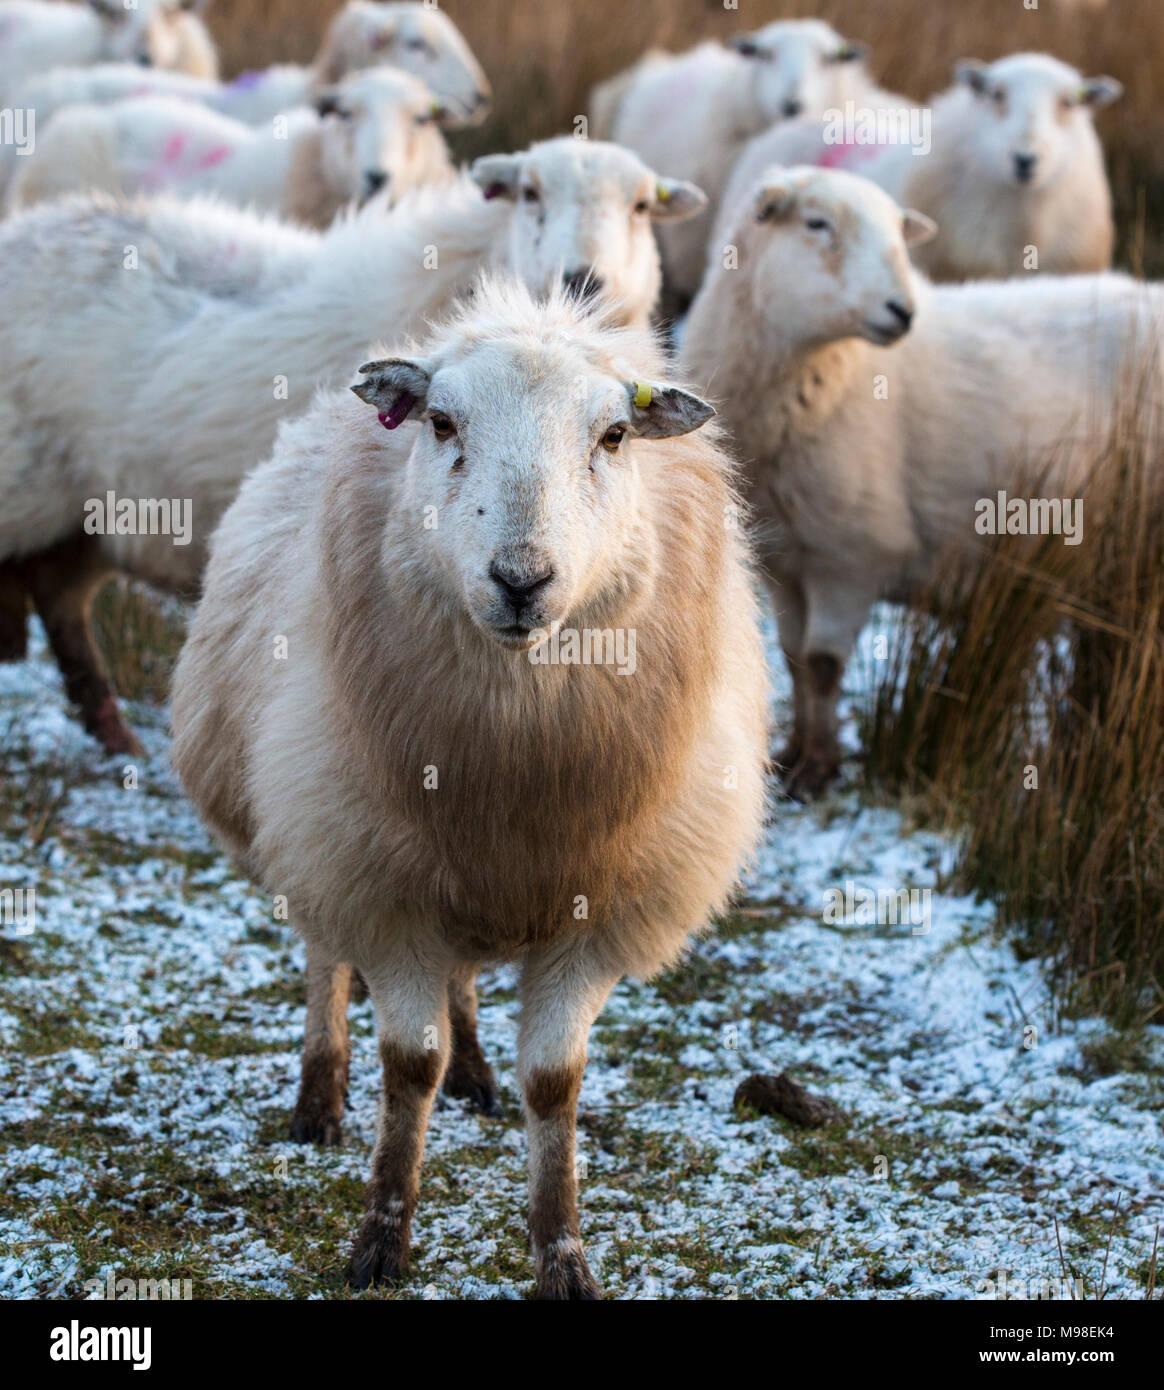 Moutons Herdwick à Noth Pays de Galles en hiver au coucher du soleil. Les moutons ont une teinte orange en raison d'un coucher de soleil. Les moutons sont dues à l'agneau bientôt. Photo Stock